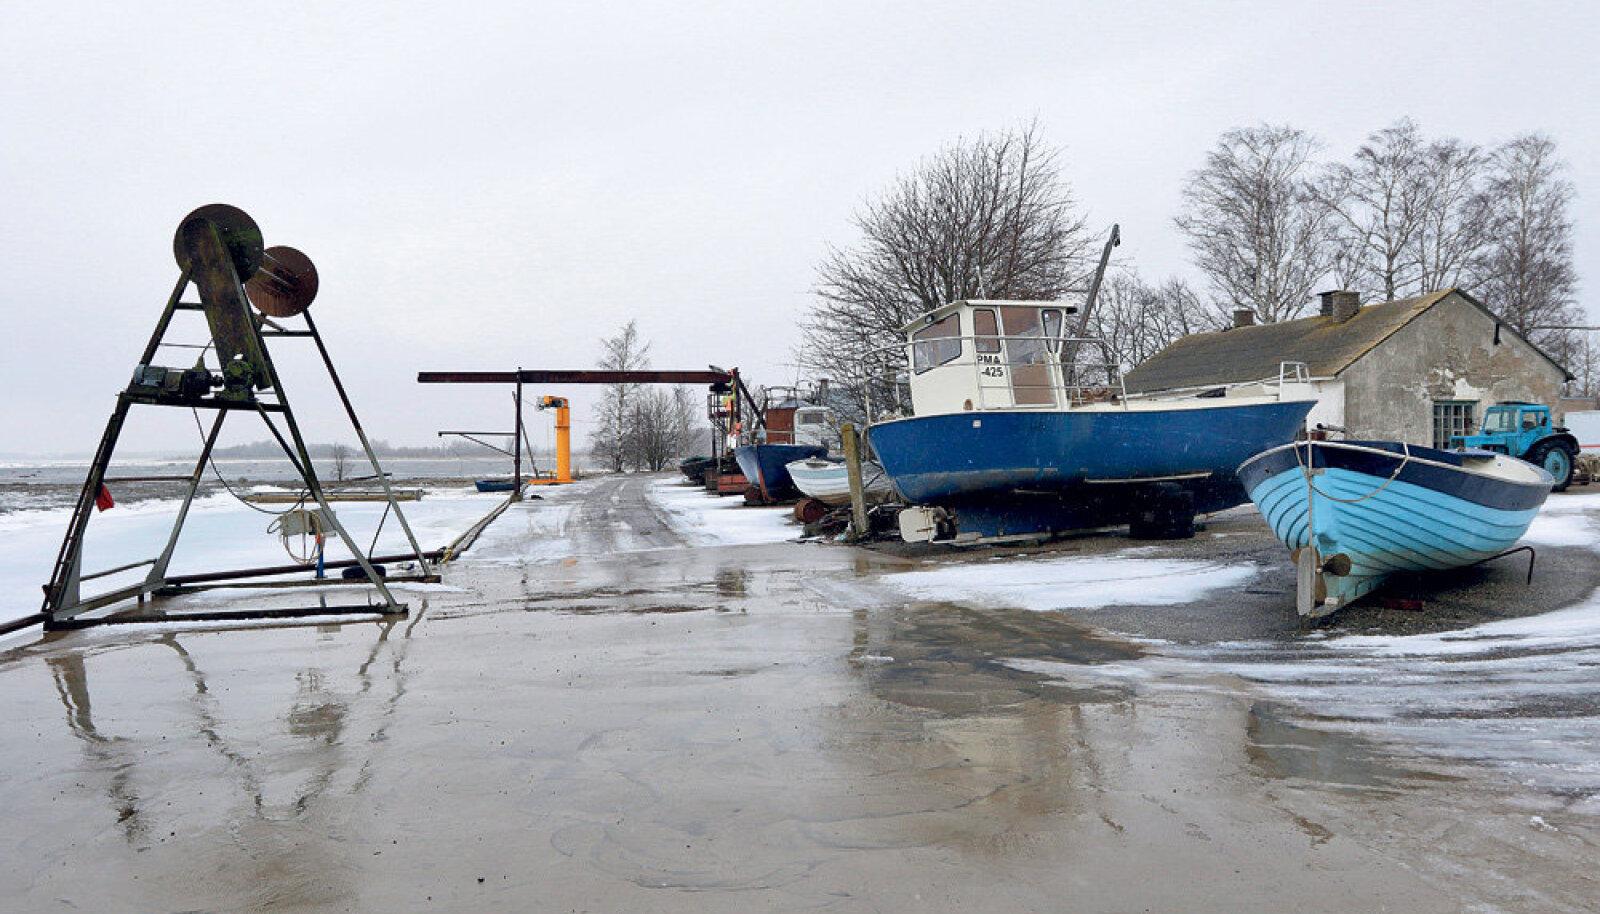 Räimepüügile spetsialiseerunud Võiste sadam on viimase kolme-nelja aasta jooksul saanud sadu tuhandeid eurosid abiraha, ainuüksi sadamakai betooni- ja rauatööd läksid maksma umbes 200 000 eurot.